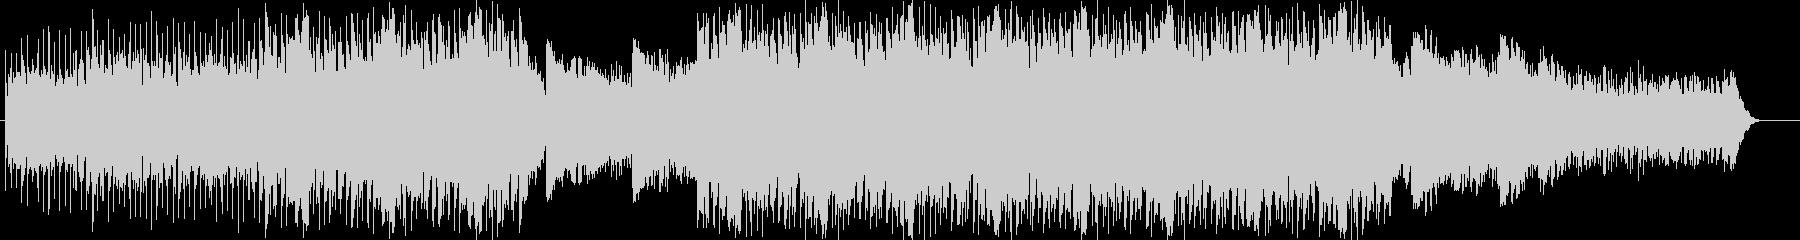 ソフトで静かな雰囲気のあるBGMの未再生の波形